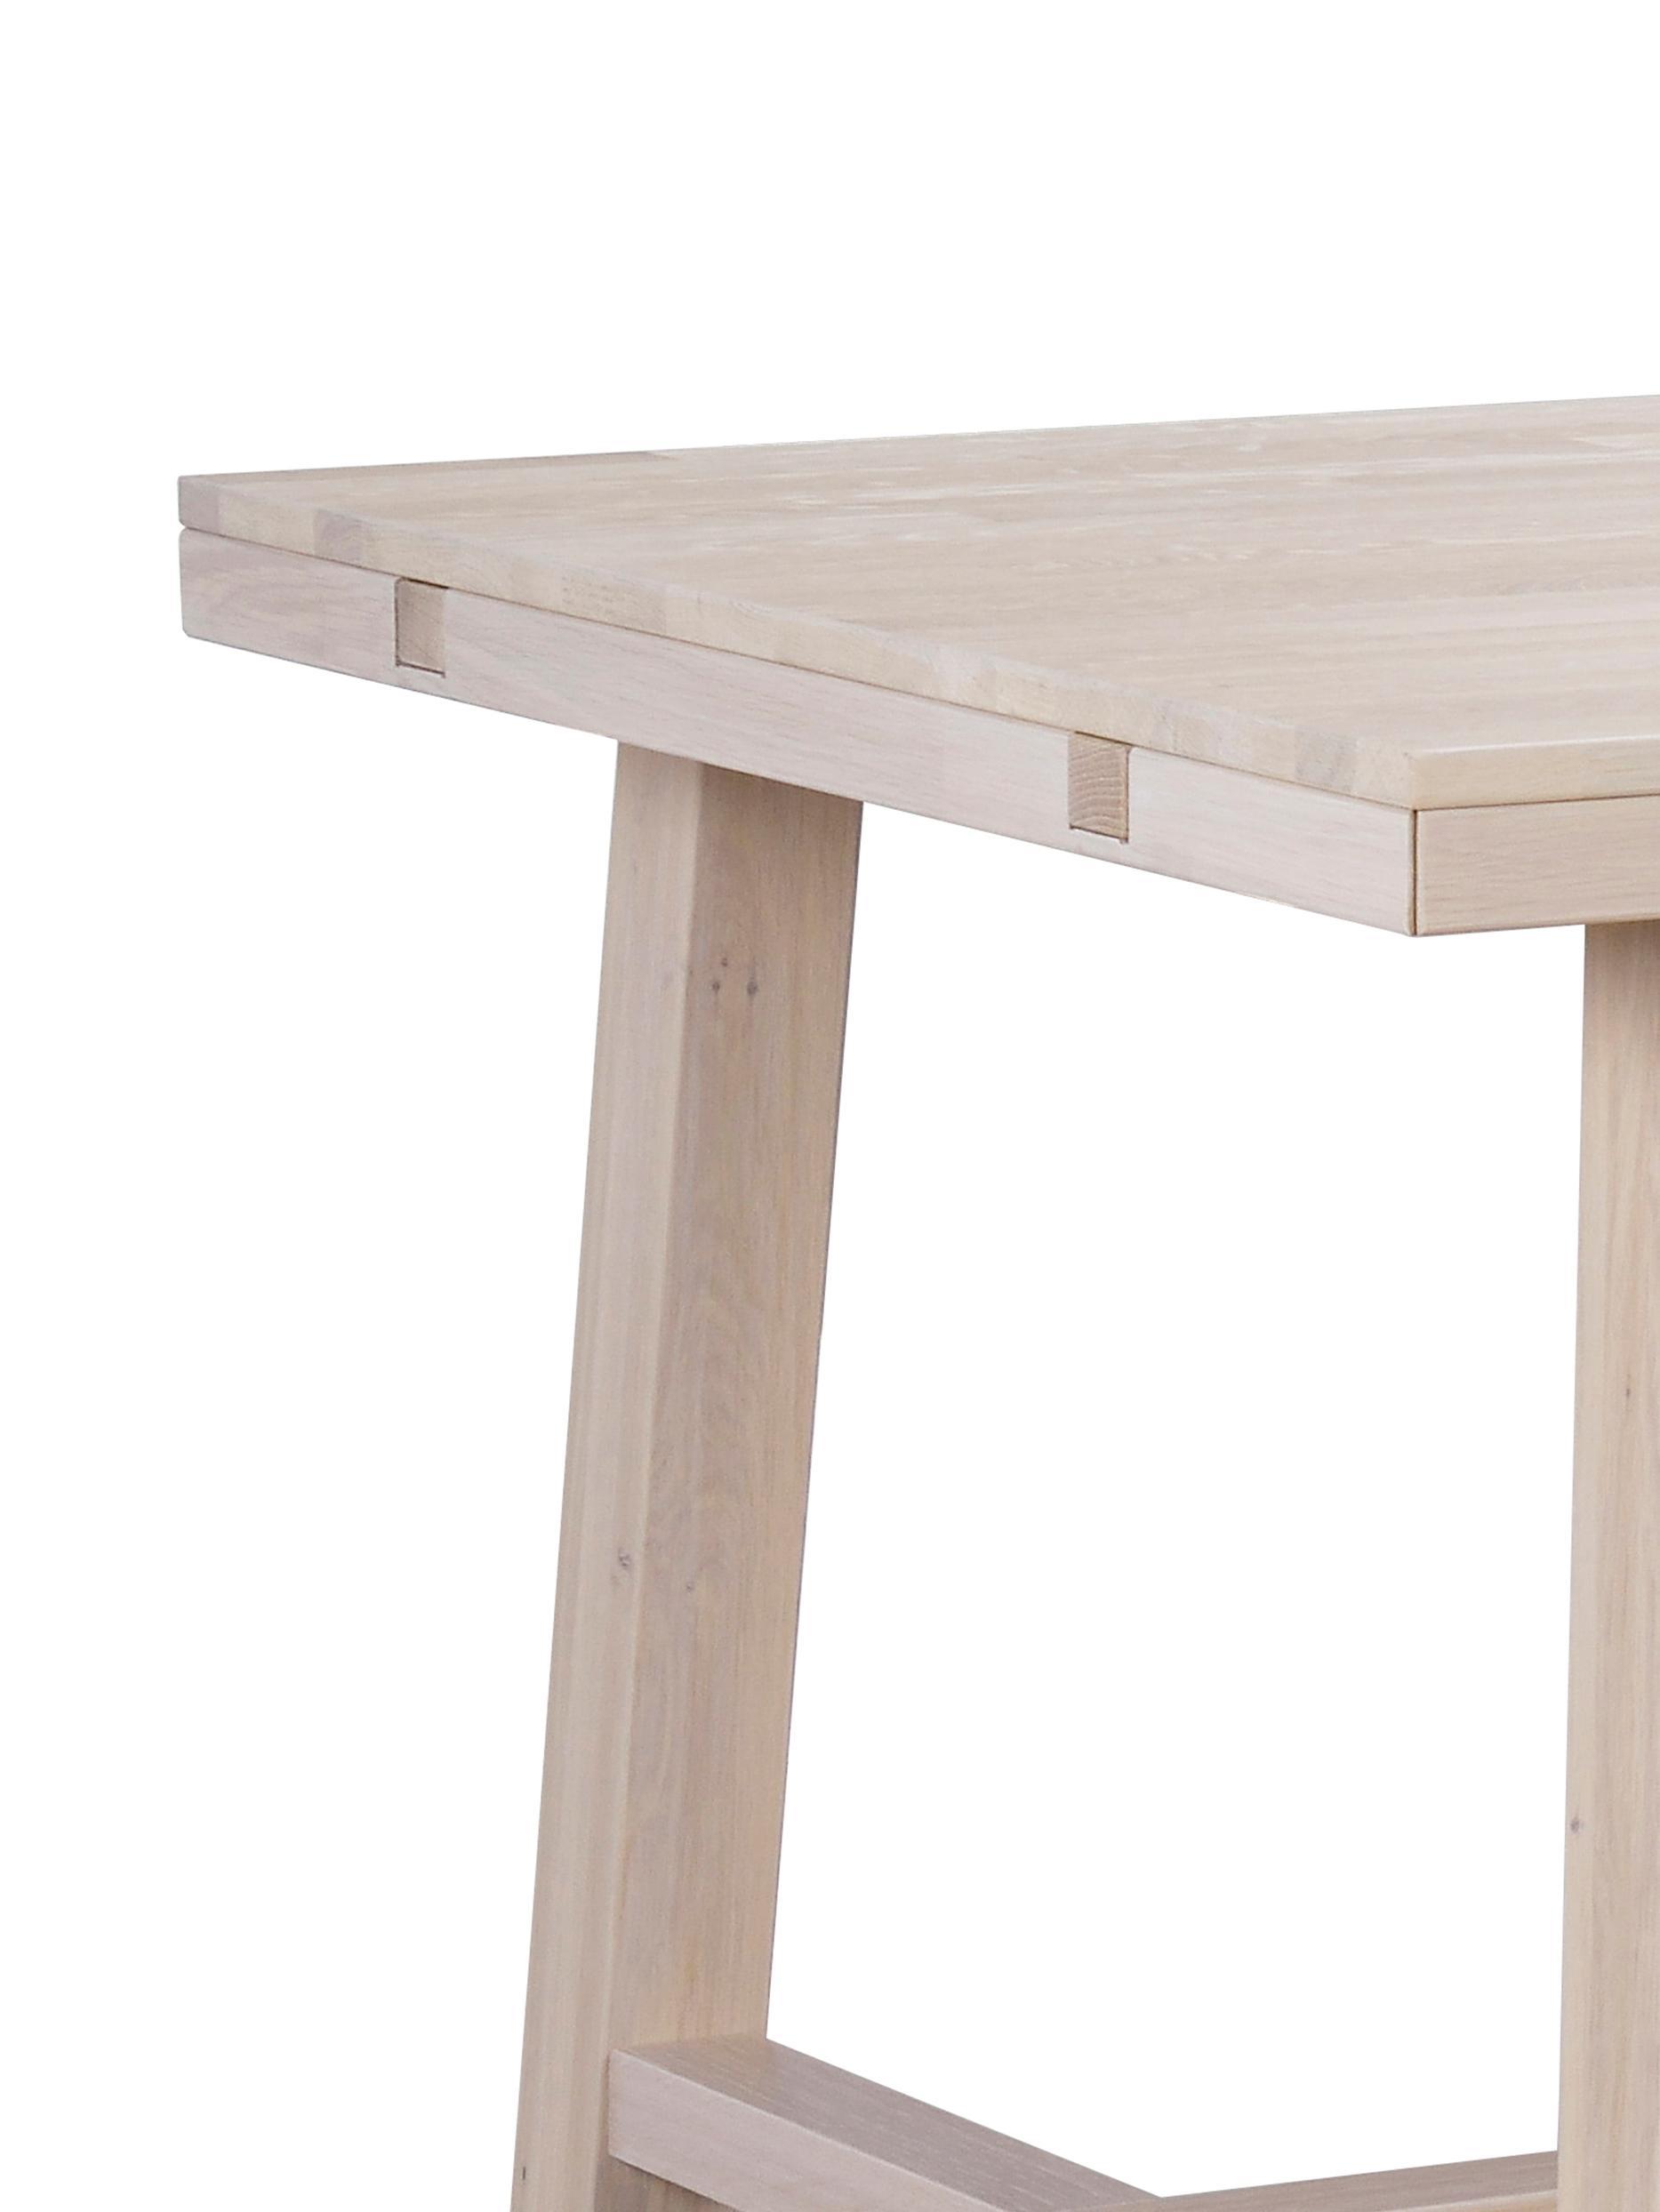 Grosser Massivholz Esstisch Brooklyn, Massives Eichenholz, weiss gewaschen und geölt, Eiche, weiss gewaschen, B 220 x T 95 cm